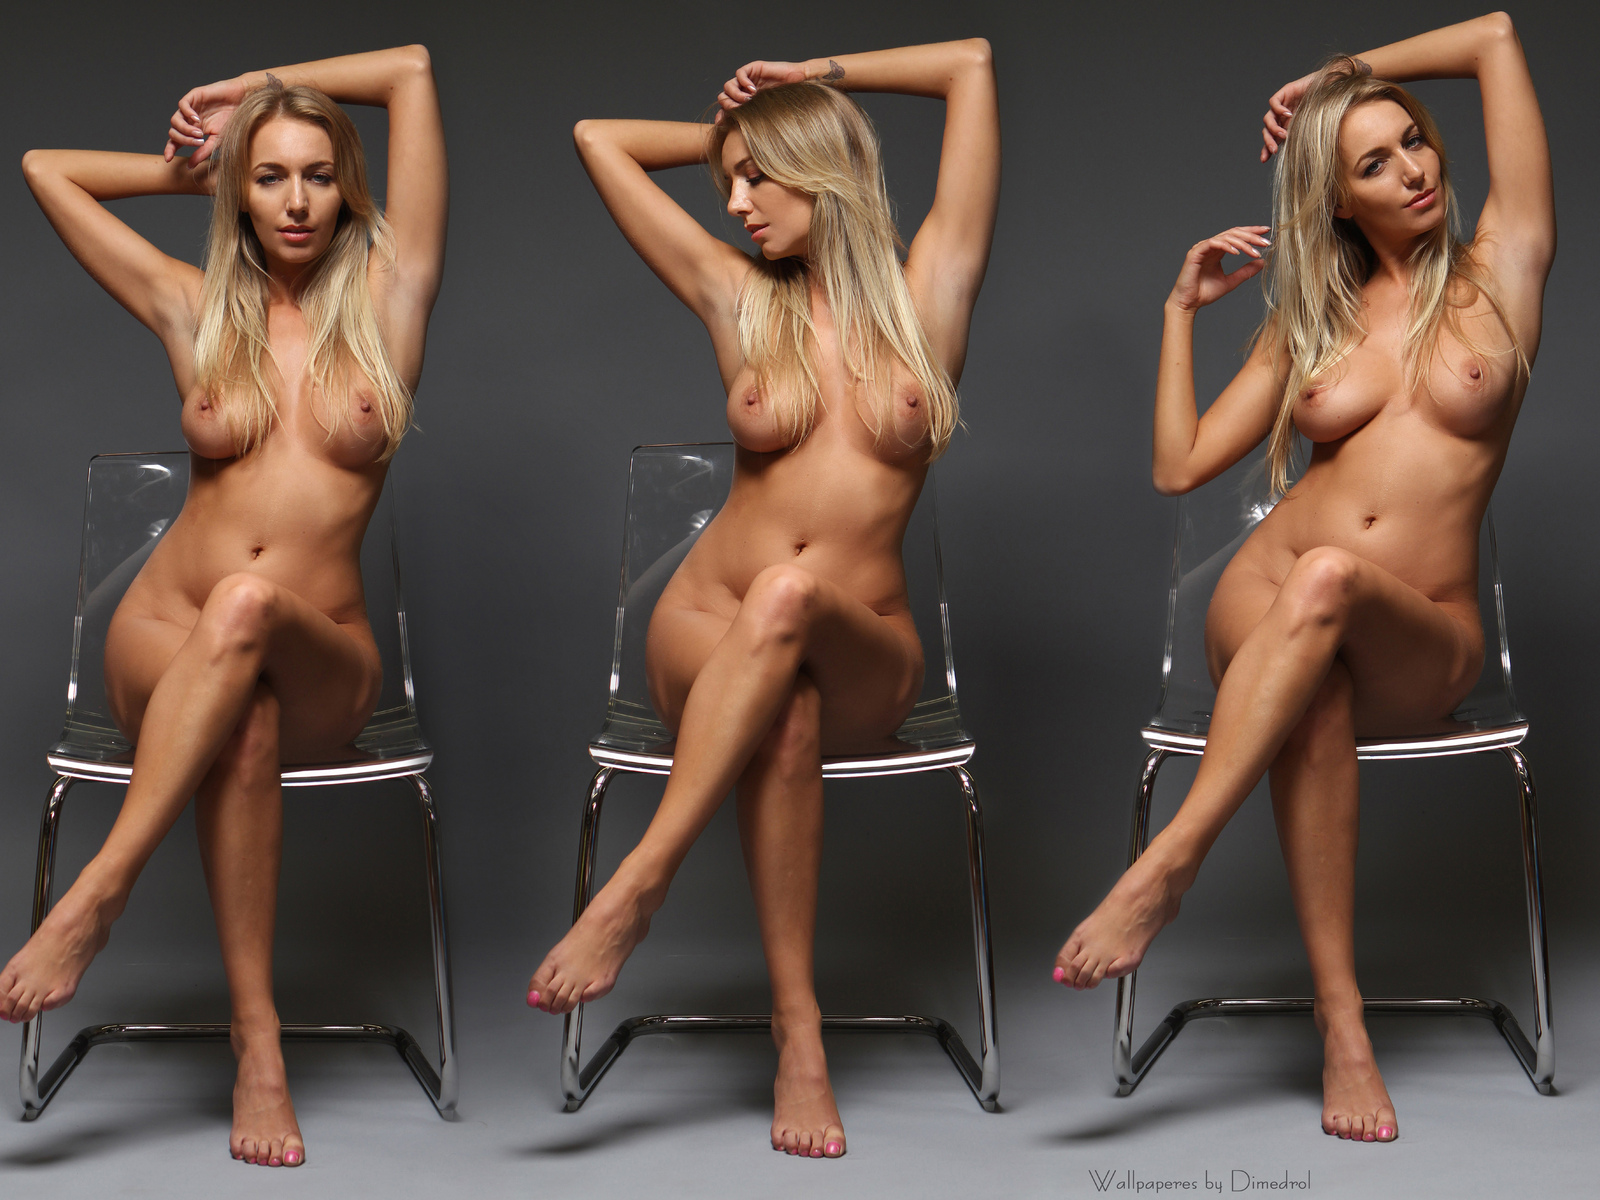 Фото голых девушек под столом 1 фотография